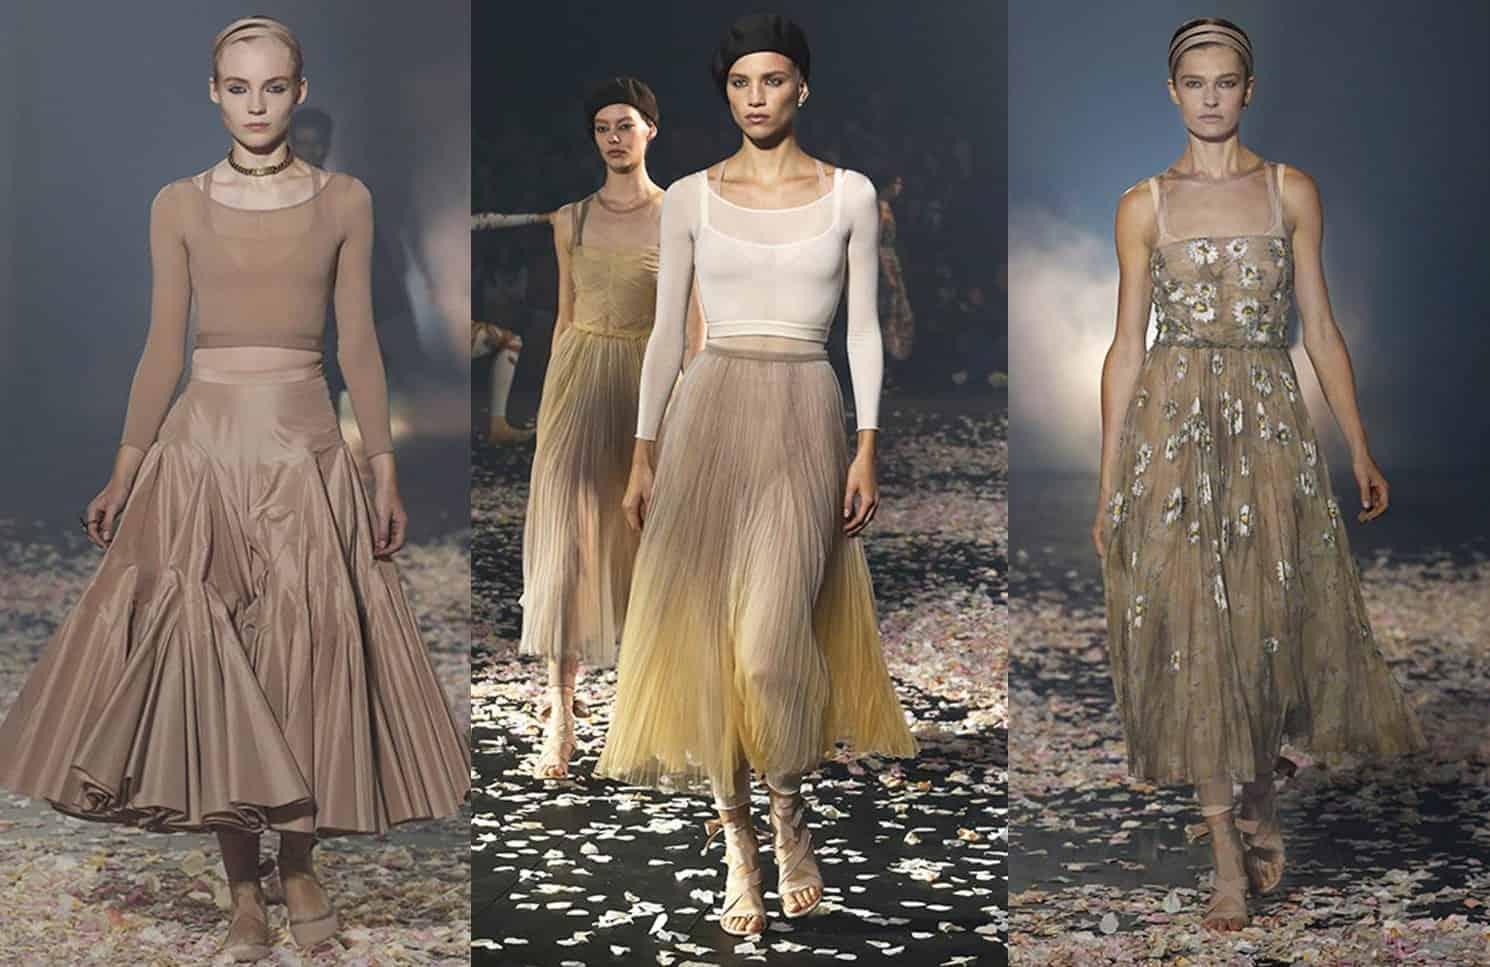 26fdb127bd Dior Primavera/Estate 2019: la nuova collezione ispirata al potere ...